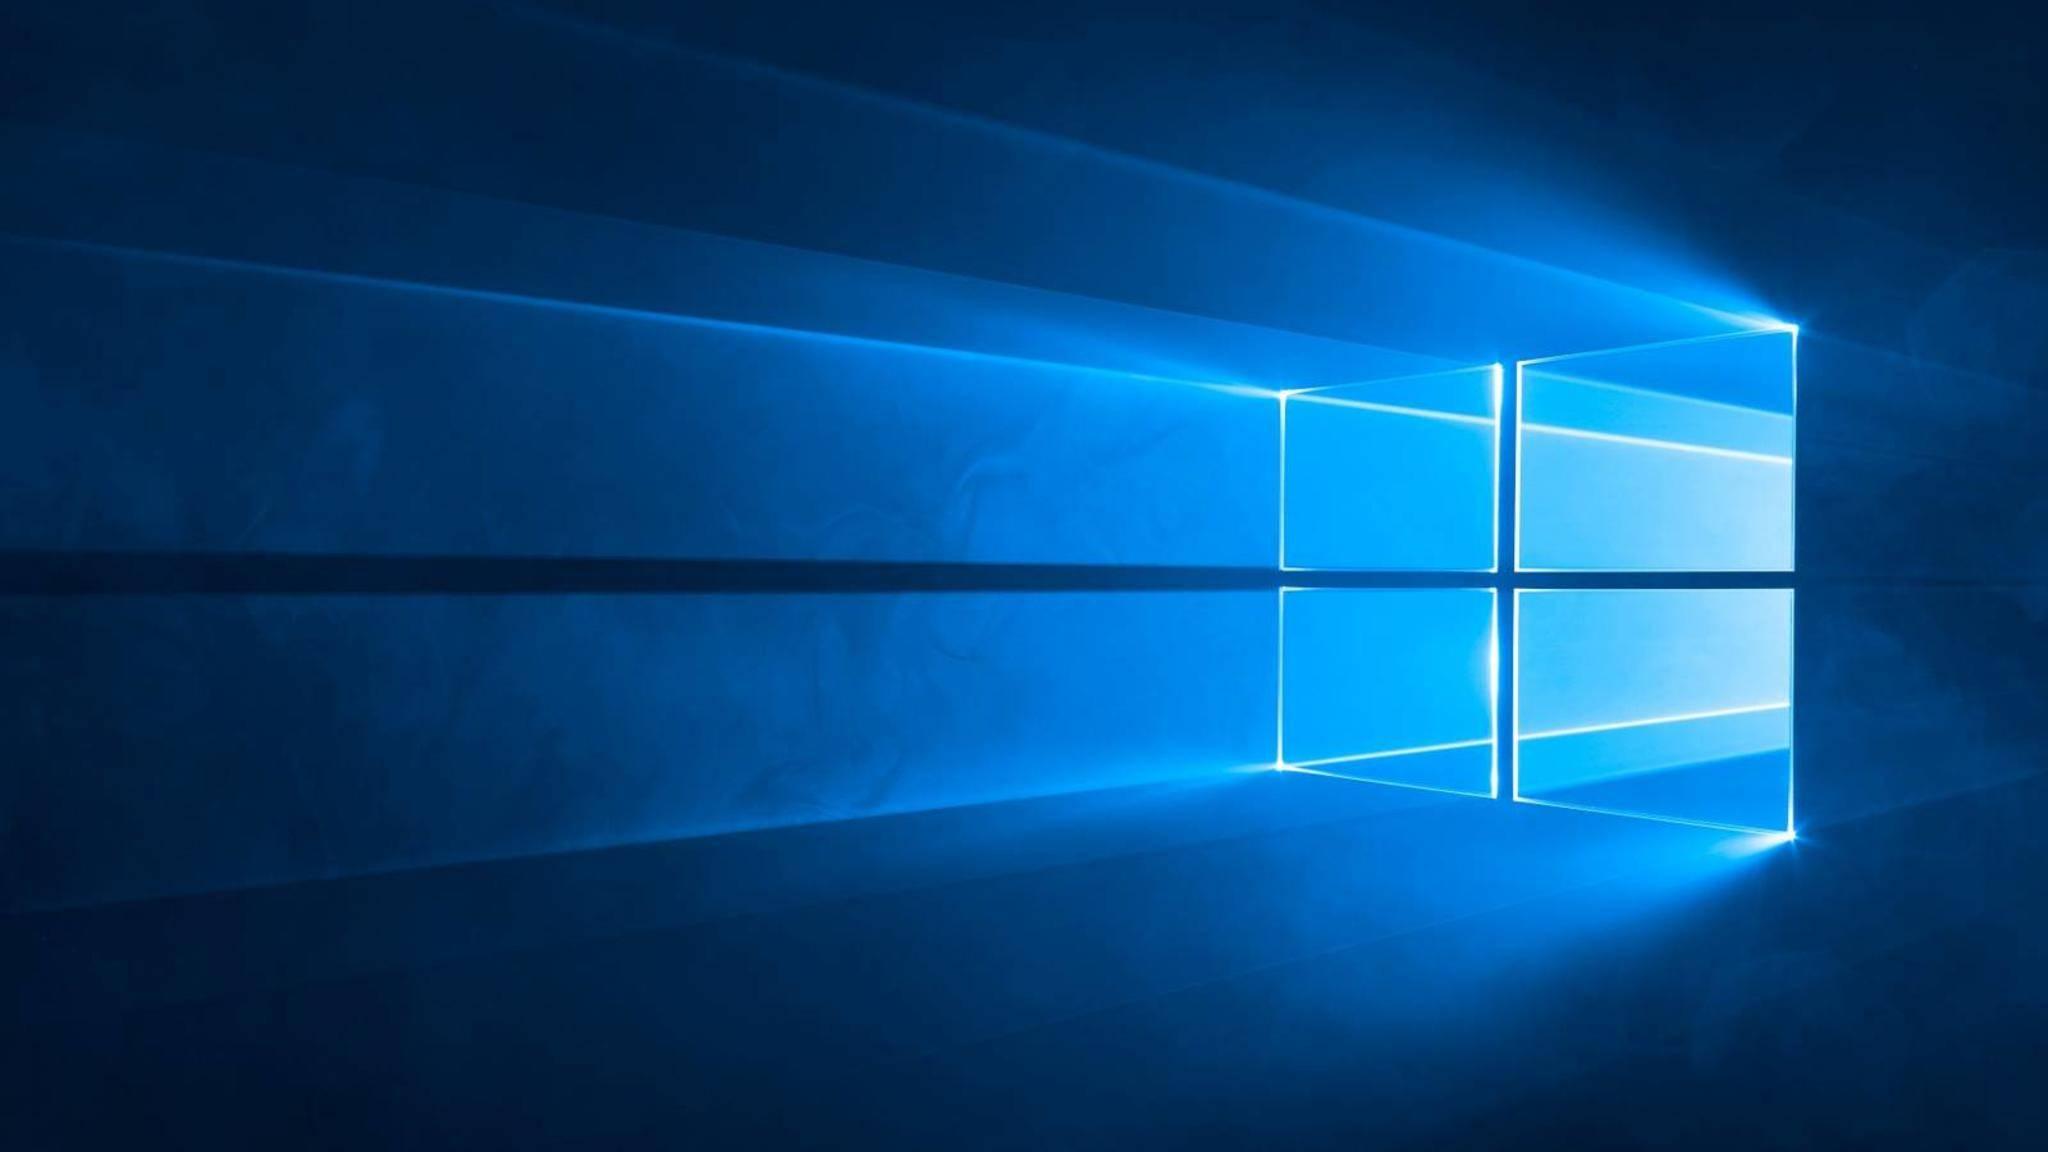 Es gibt viele Möglichkeiten, Windows zu beenden.